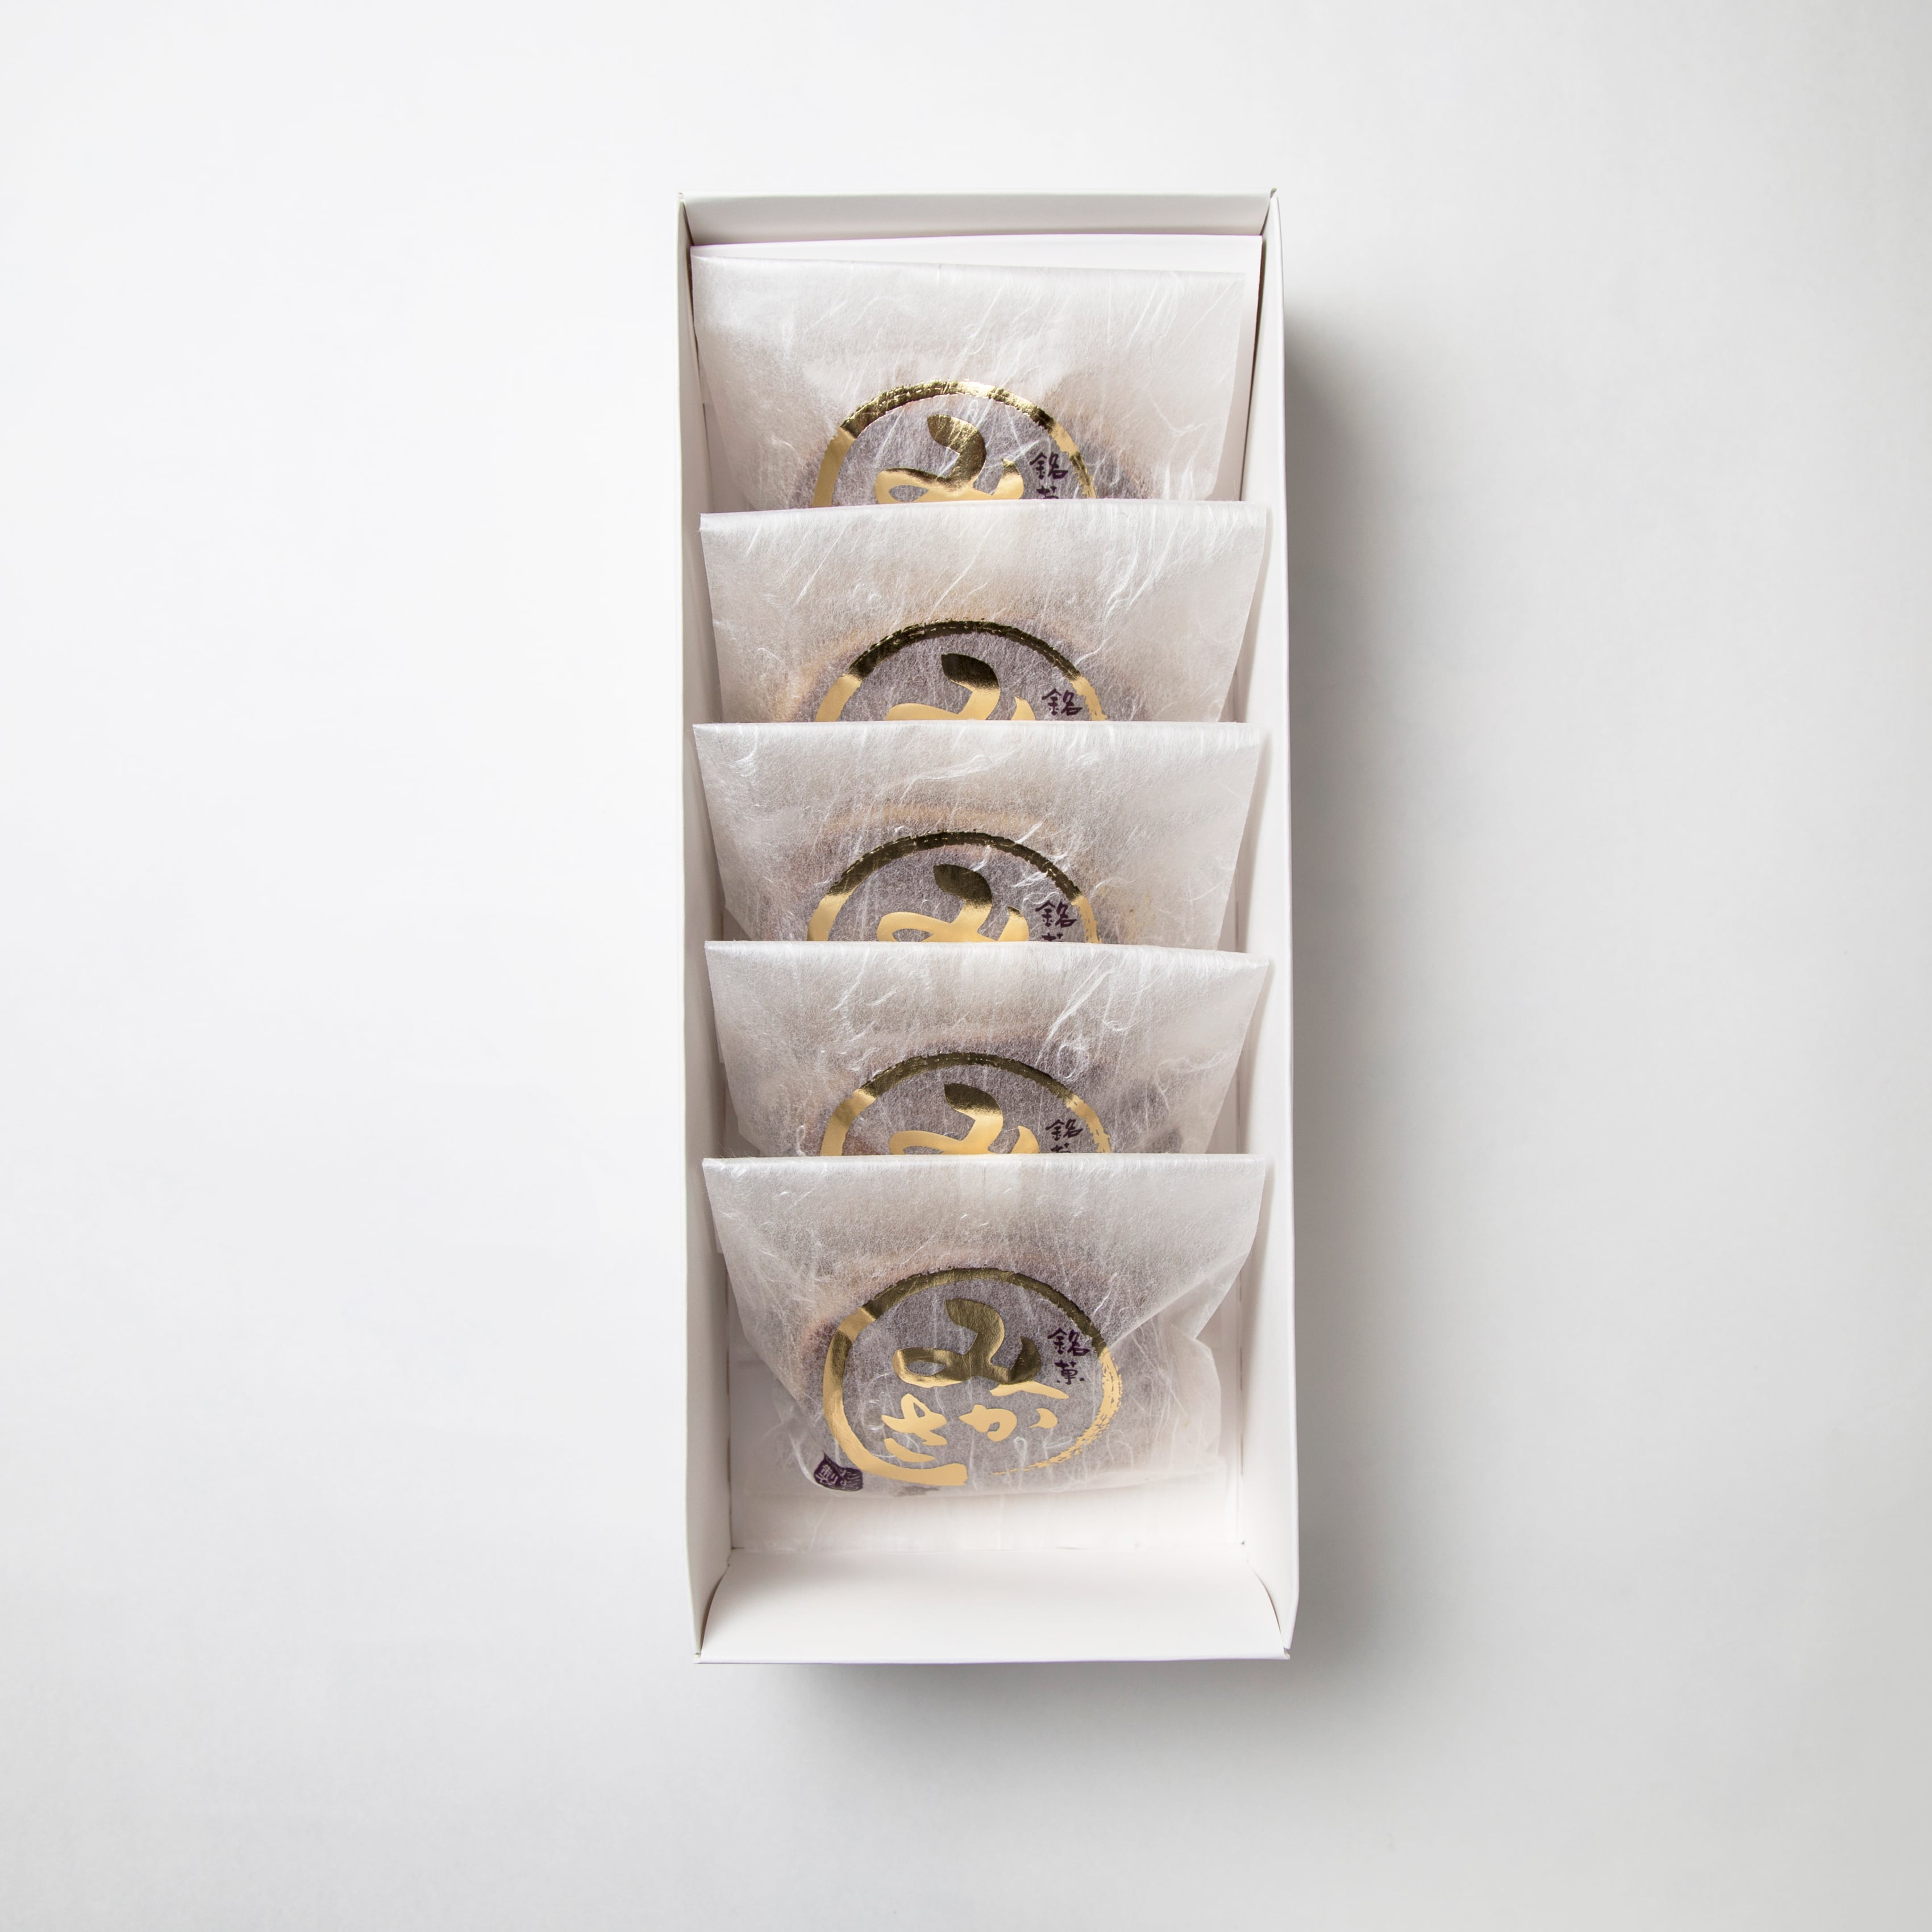 ご近所さんに!たむらのみかさ 5個入(箱入詰合せ)✕ 2箱